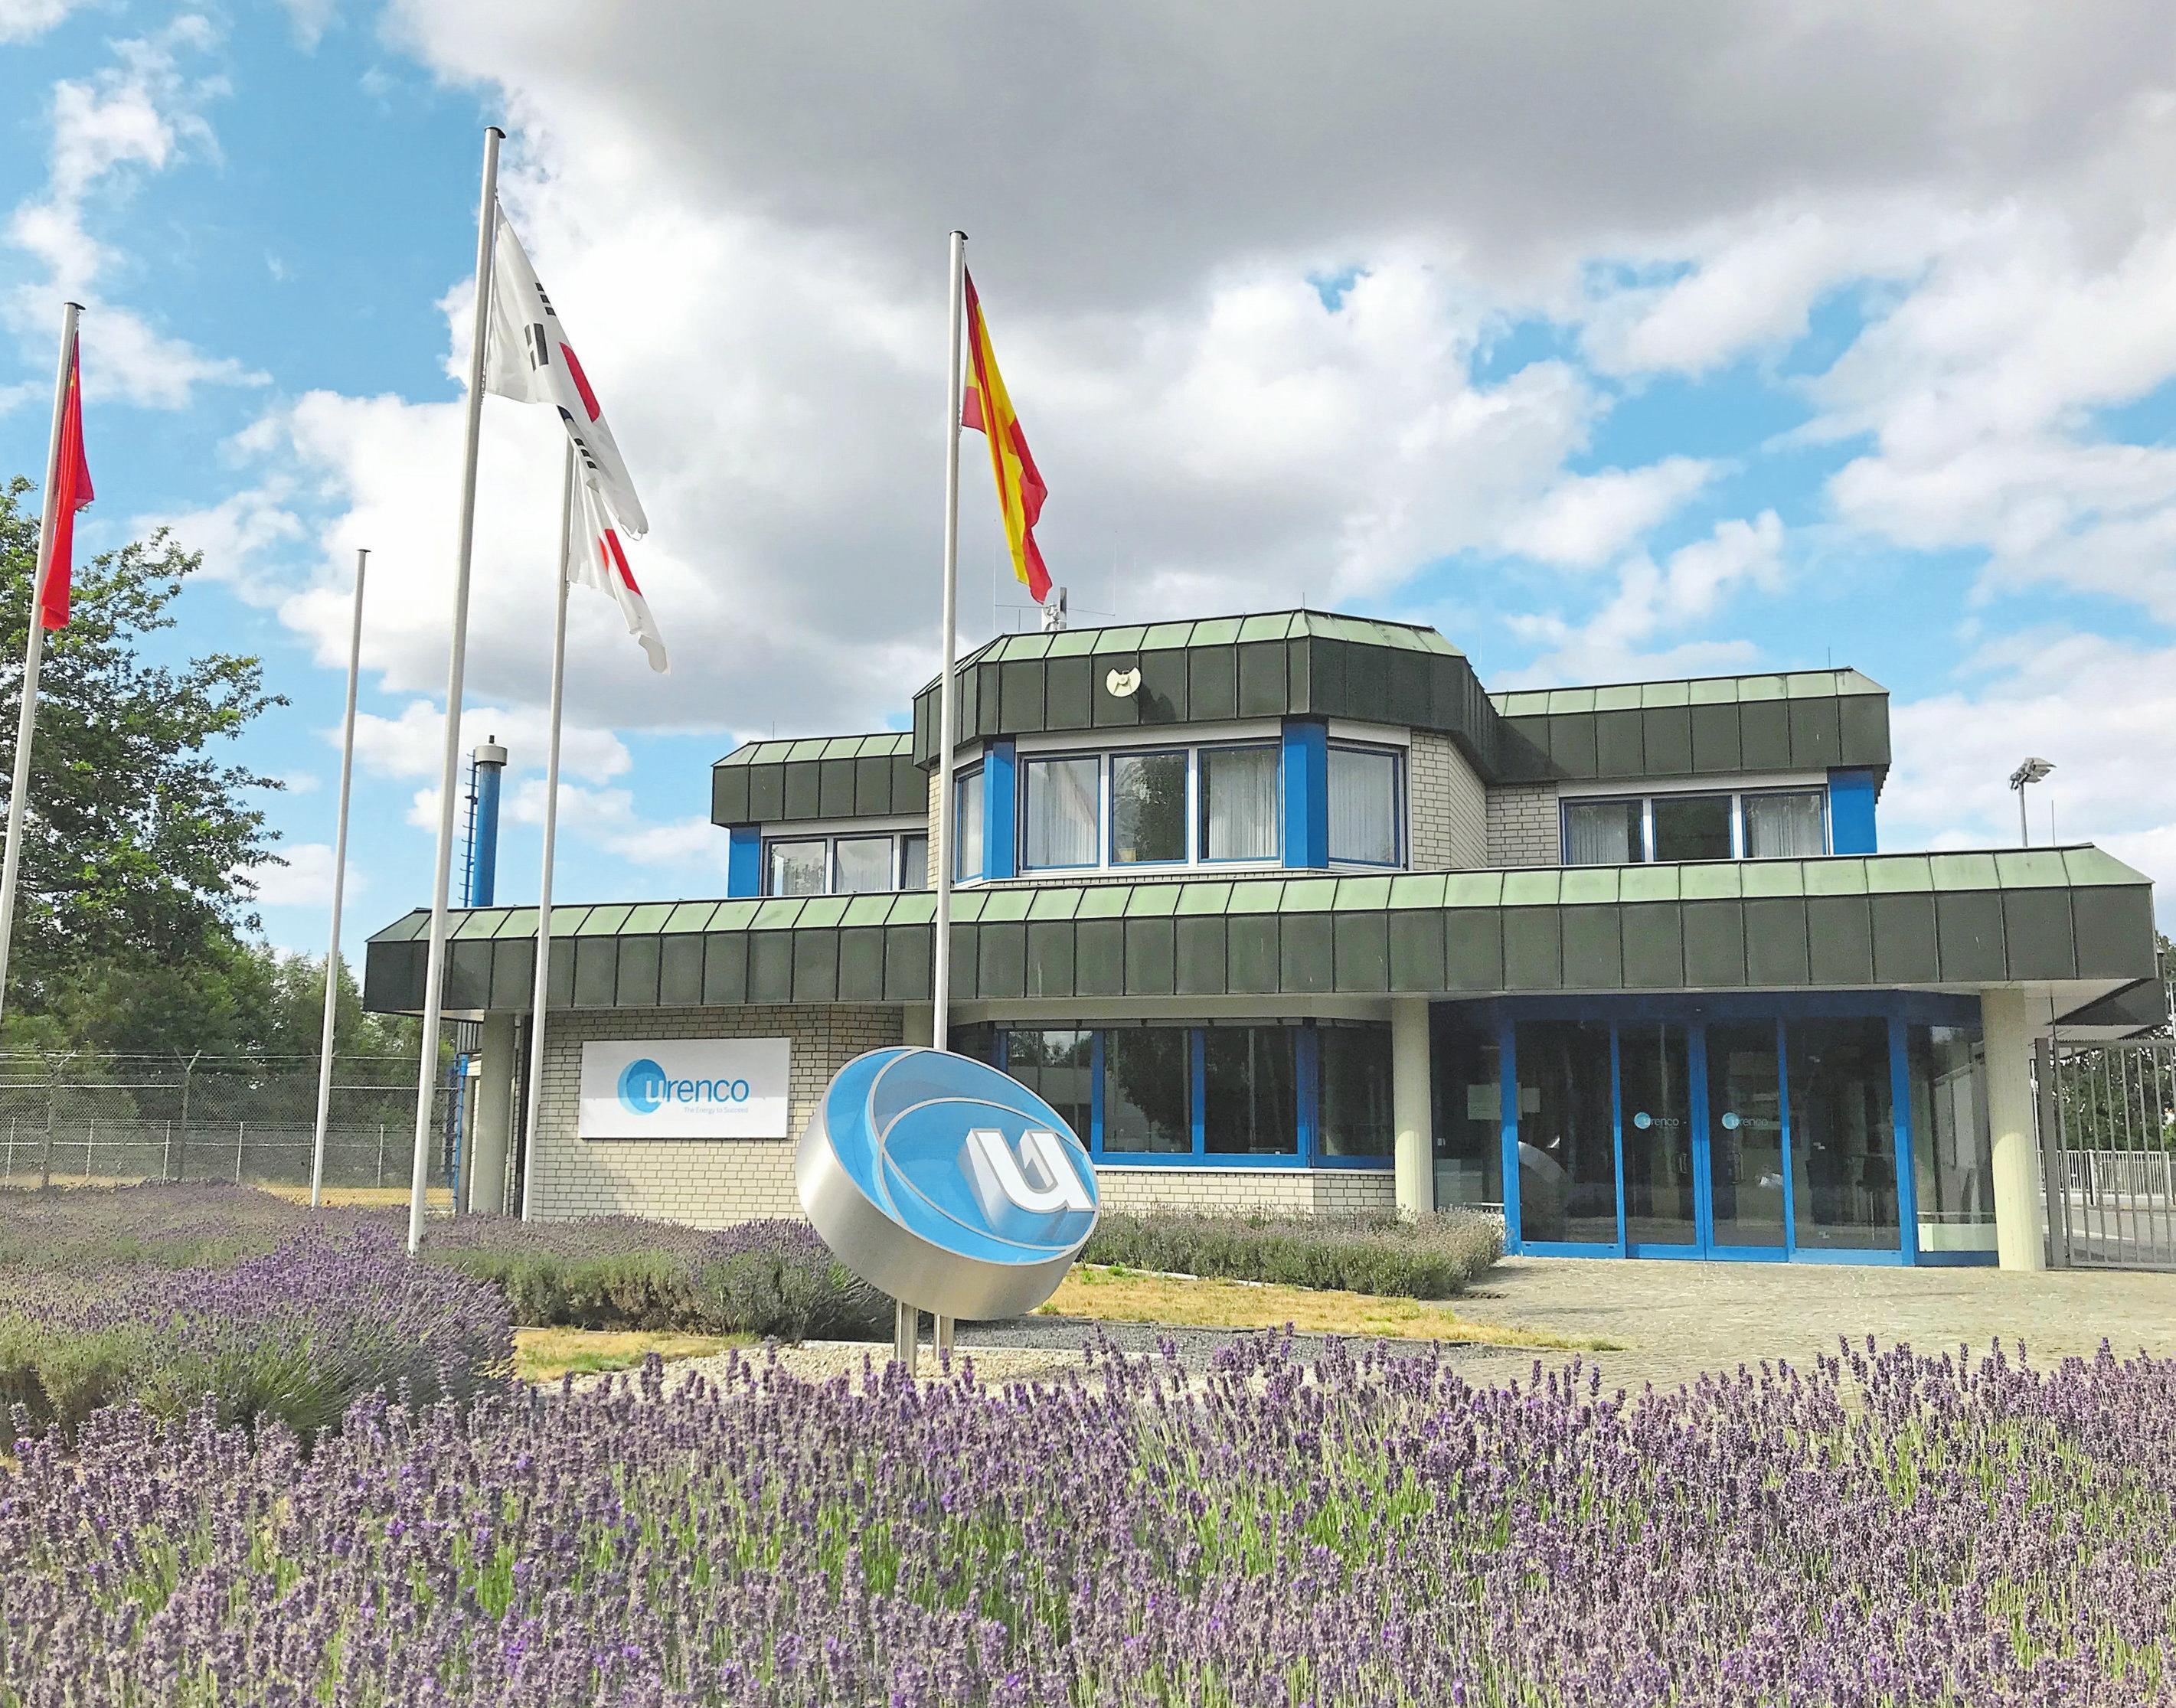 Seit den 80er-Jahren befindet sich die Urenco im Gronauer Gewerbegebiet an der Röntgenstraße 4. Dort kommt die nach Unternehmensangaben weltweit modernste Zentrifugentechnik zum Einsatz.